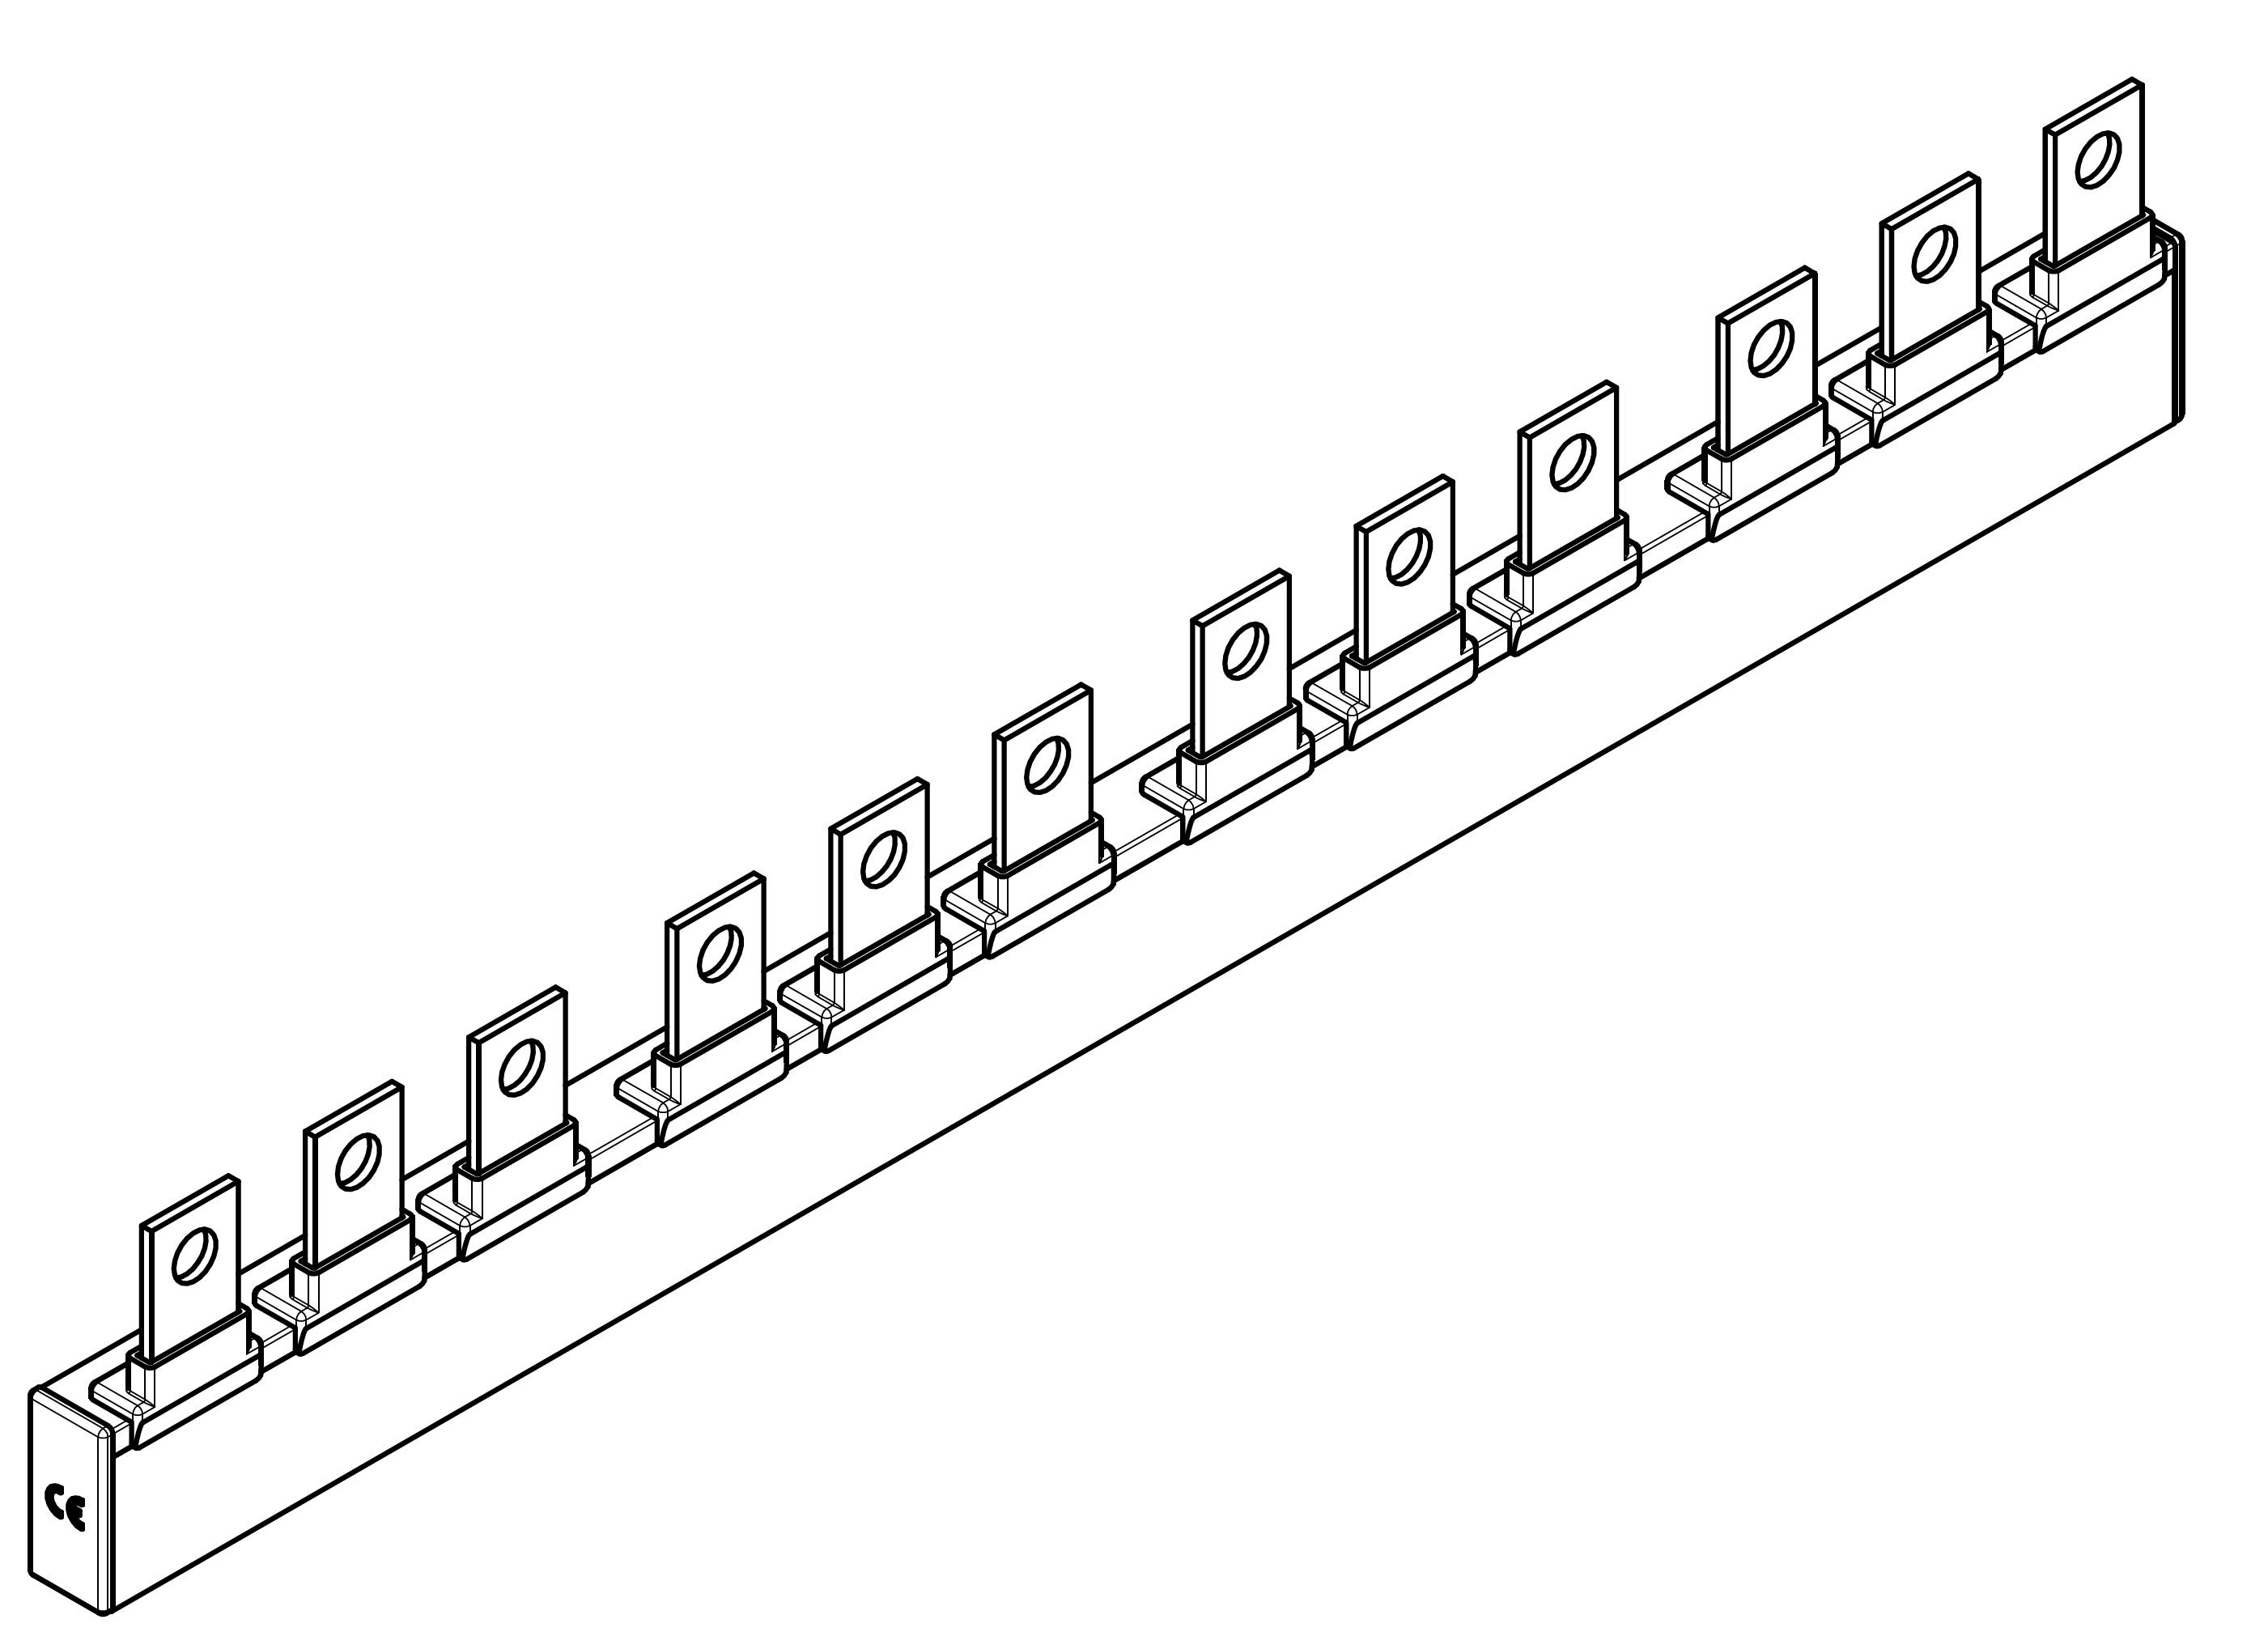 1 Stk ARROW II 00-NH-Trenner-Verschienung 4-fach BS900314--